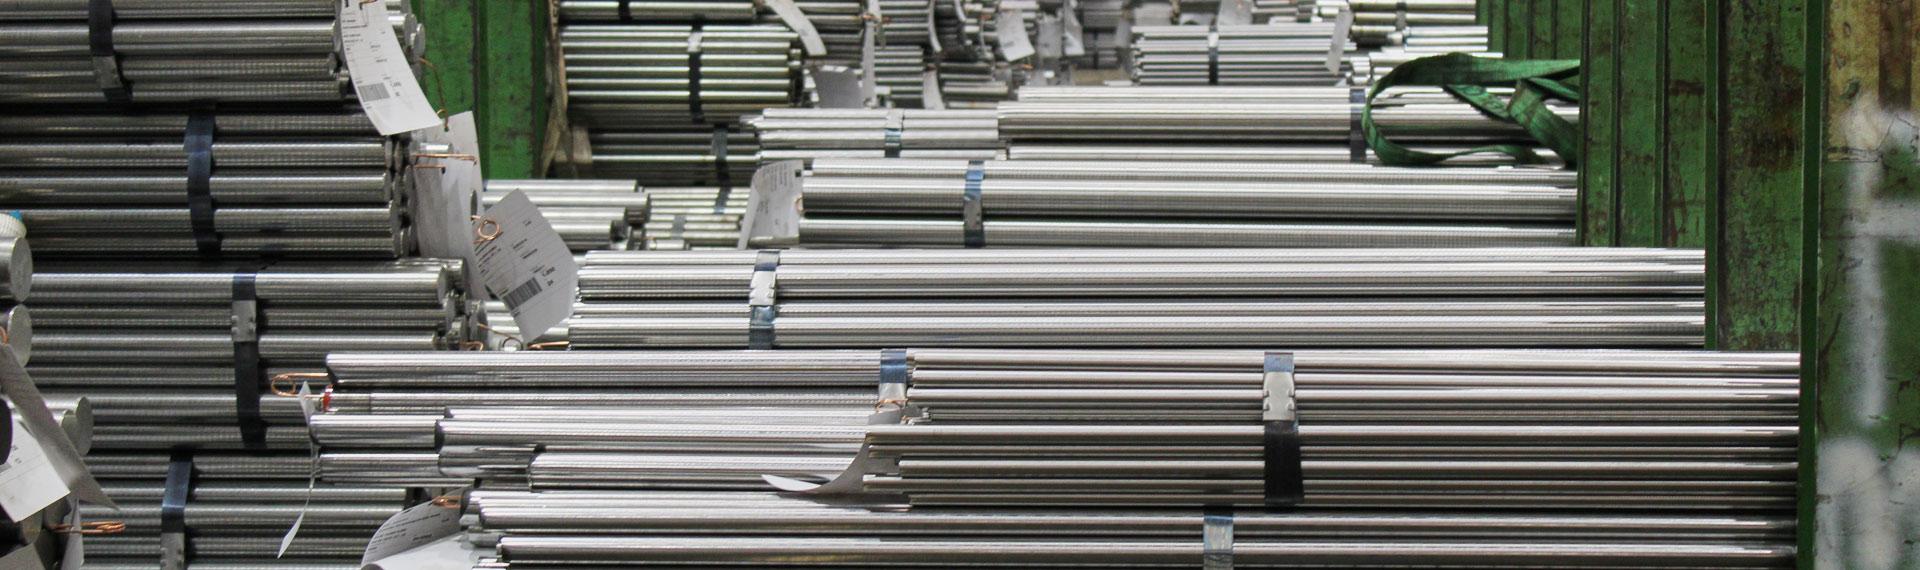 Skladovací kapacity společnosti WSB zaručují plynulost zpracování a efektivitu toku materiálu k zákazníkům. Zákazníci si mohou materiál vyžádat vždy, když jej potřebují.